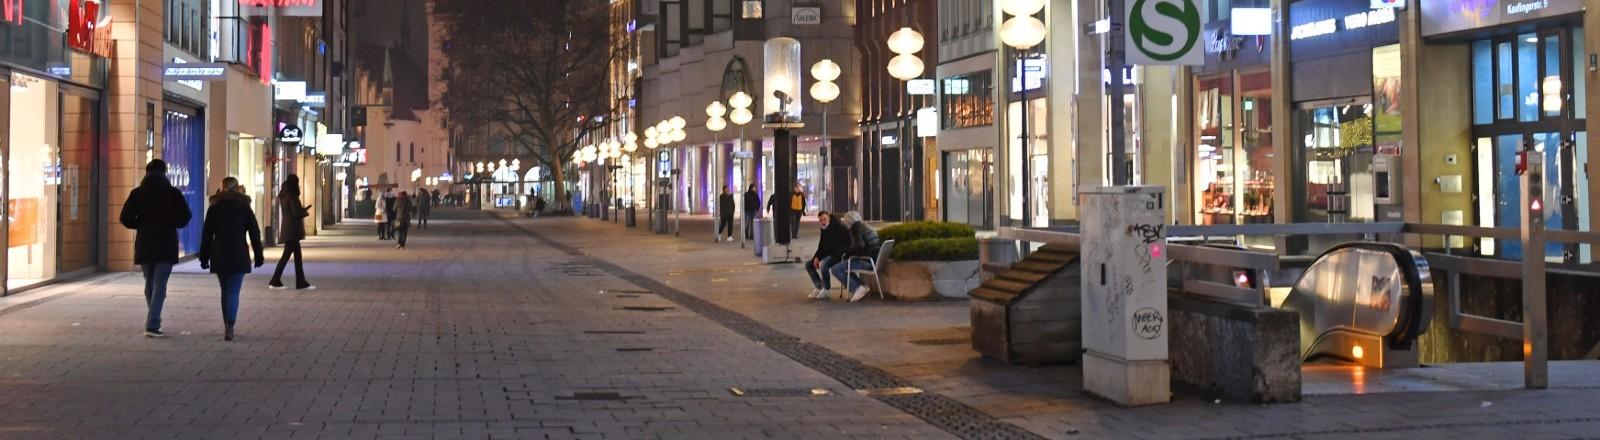 Leere Einkaufsstraße in München